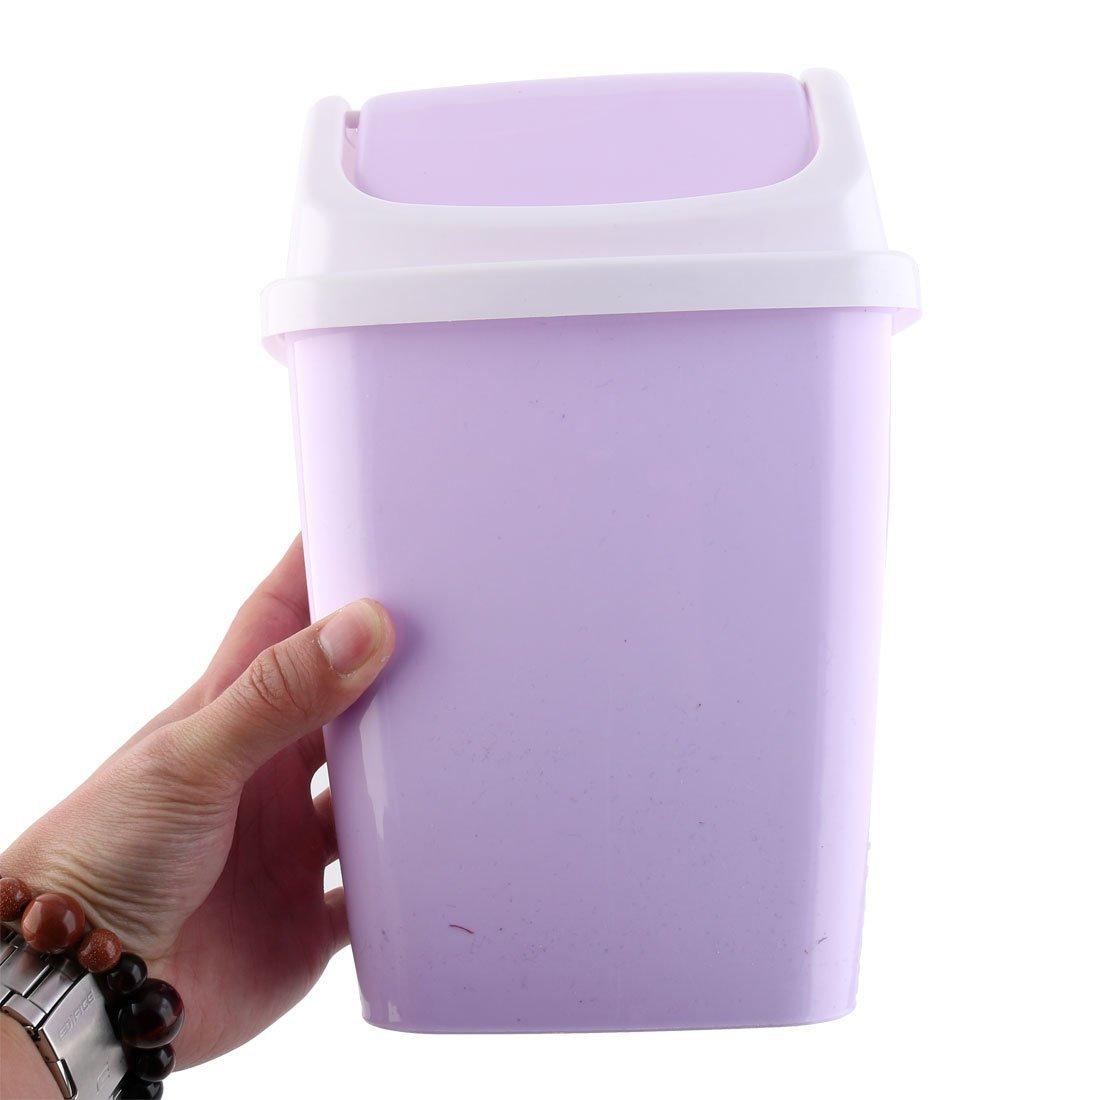 eDealMax plástico Hogar Apartamento La basura de basura cubo de basura de residuos Can 2 PCS purpúreo claro